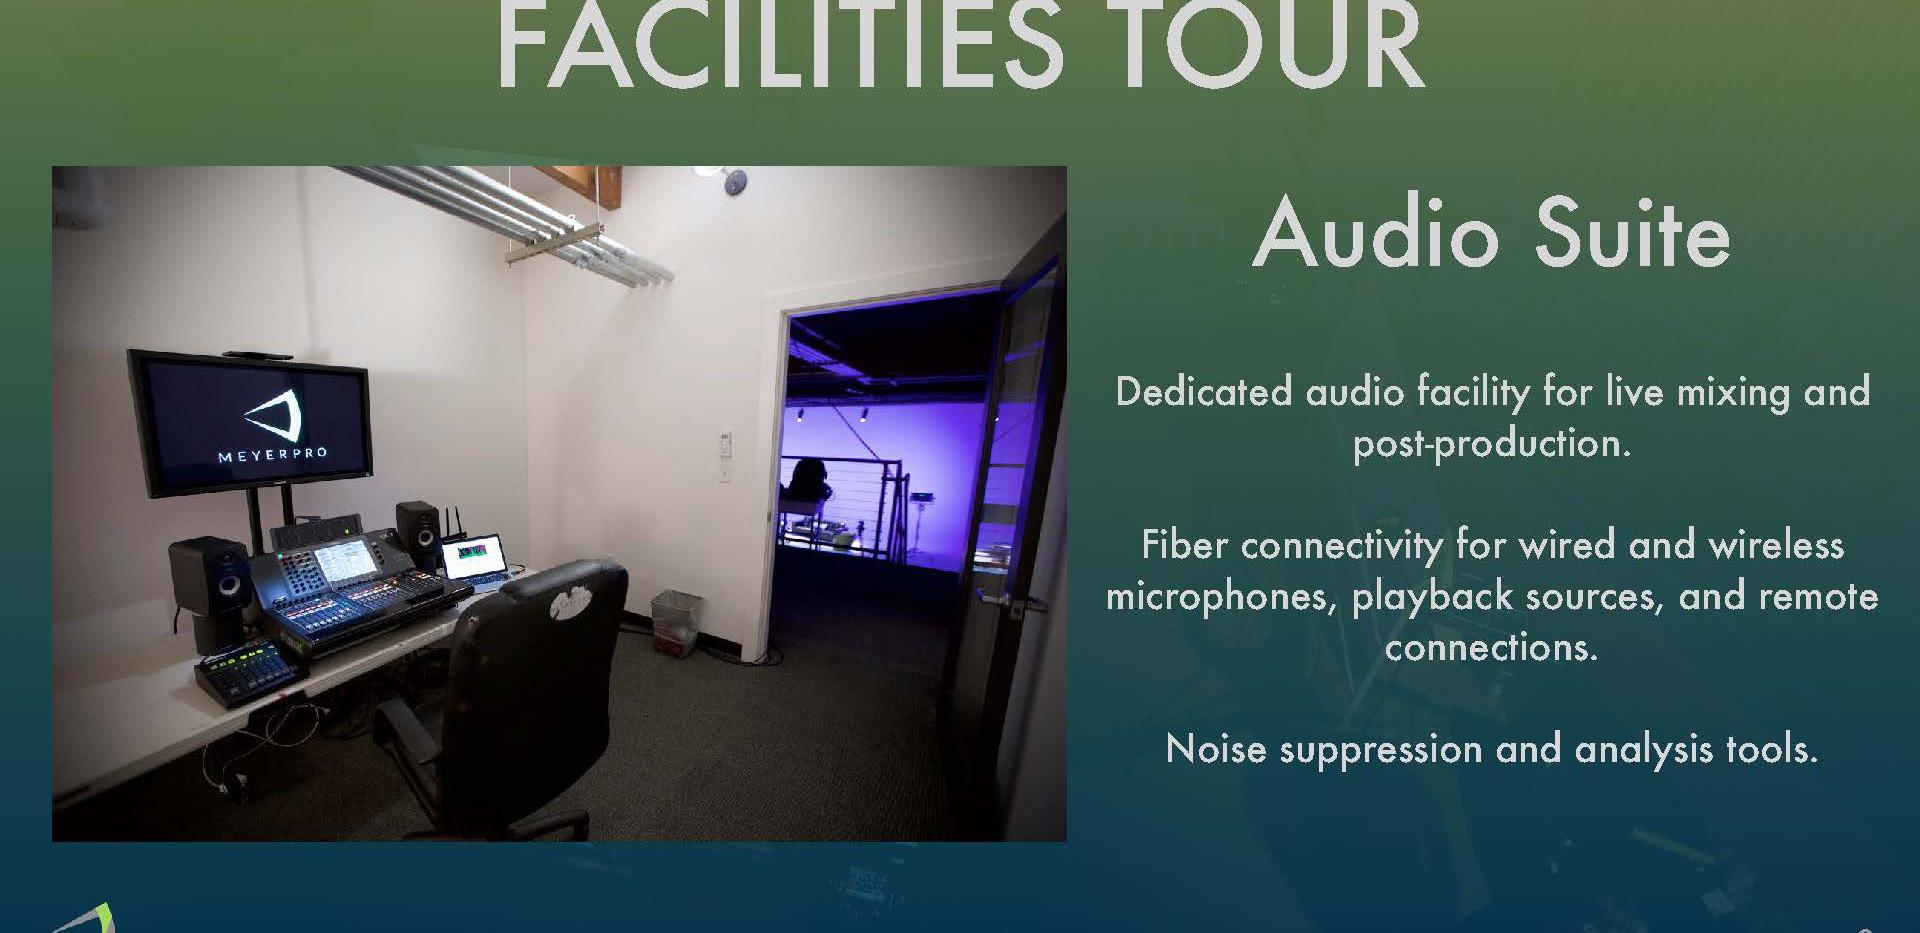 Facilites Tour - Audio Suite